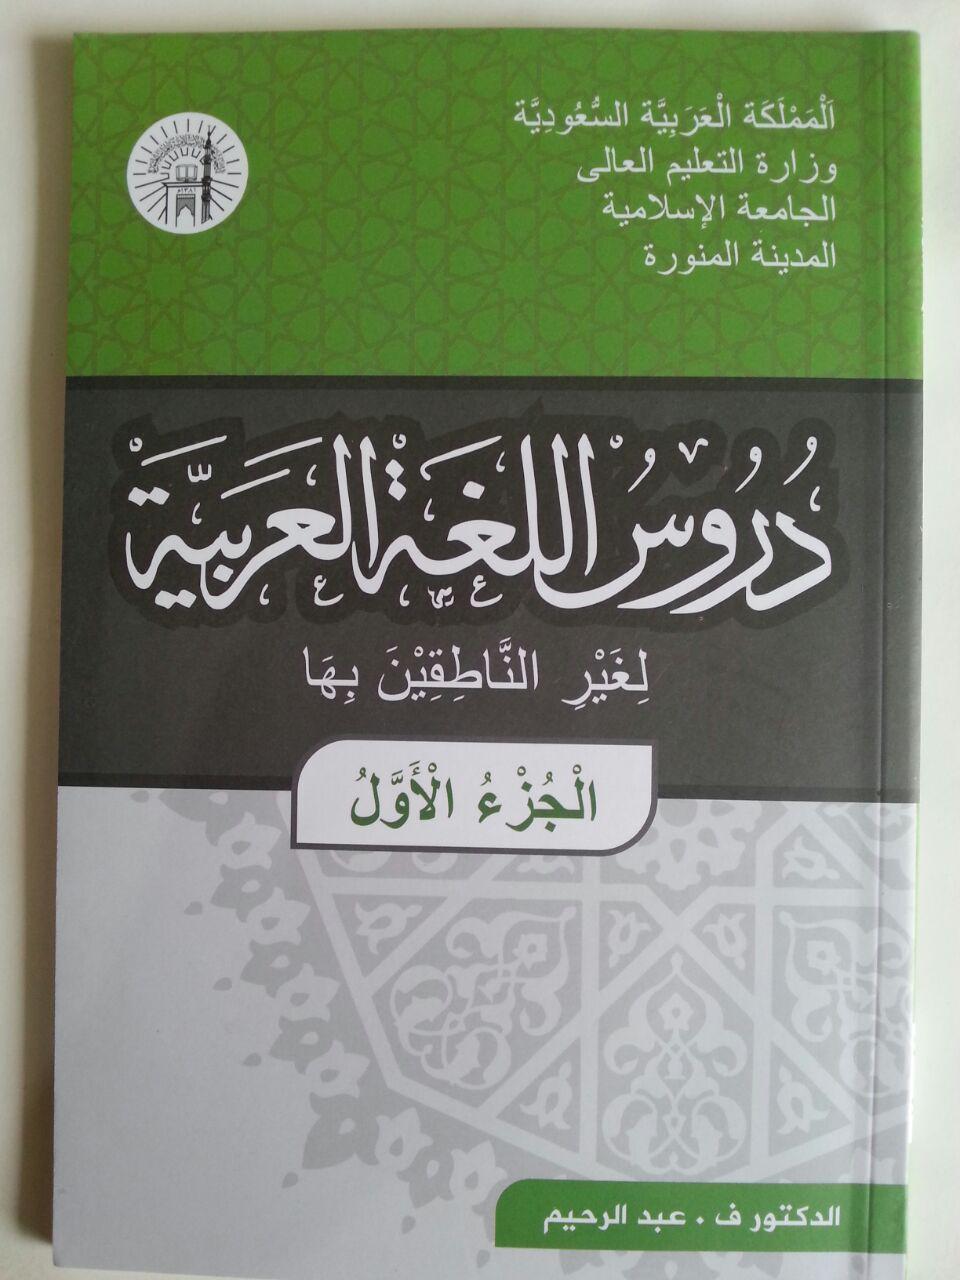 Kitab Durusul Lughoh Al-Arabiyyah Li Ghoirin Nathiqin Biha Set cover